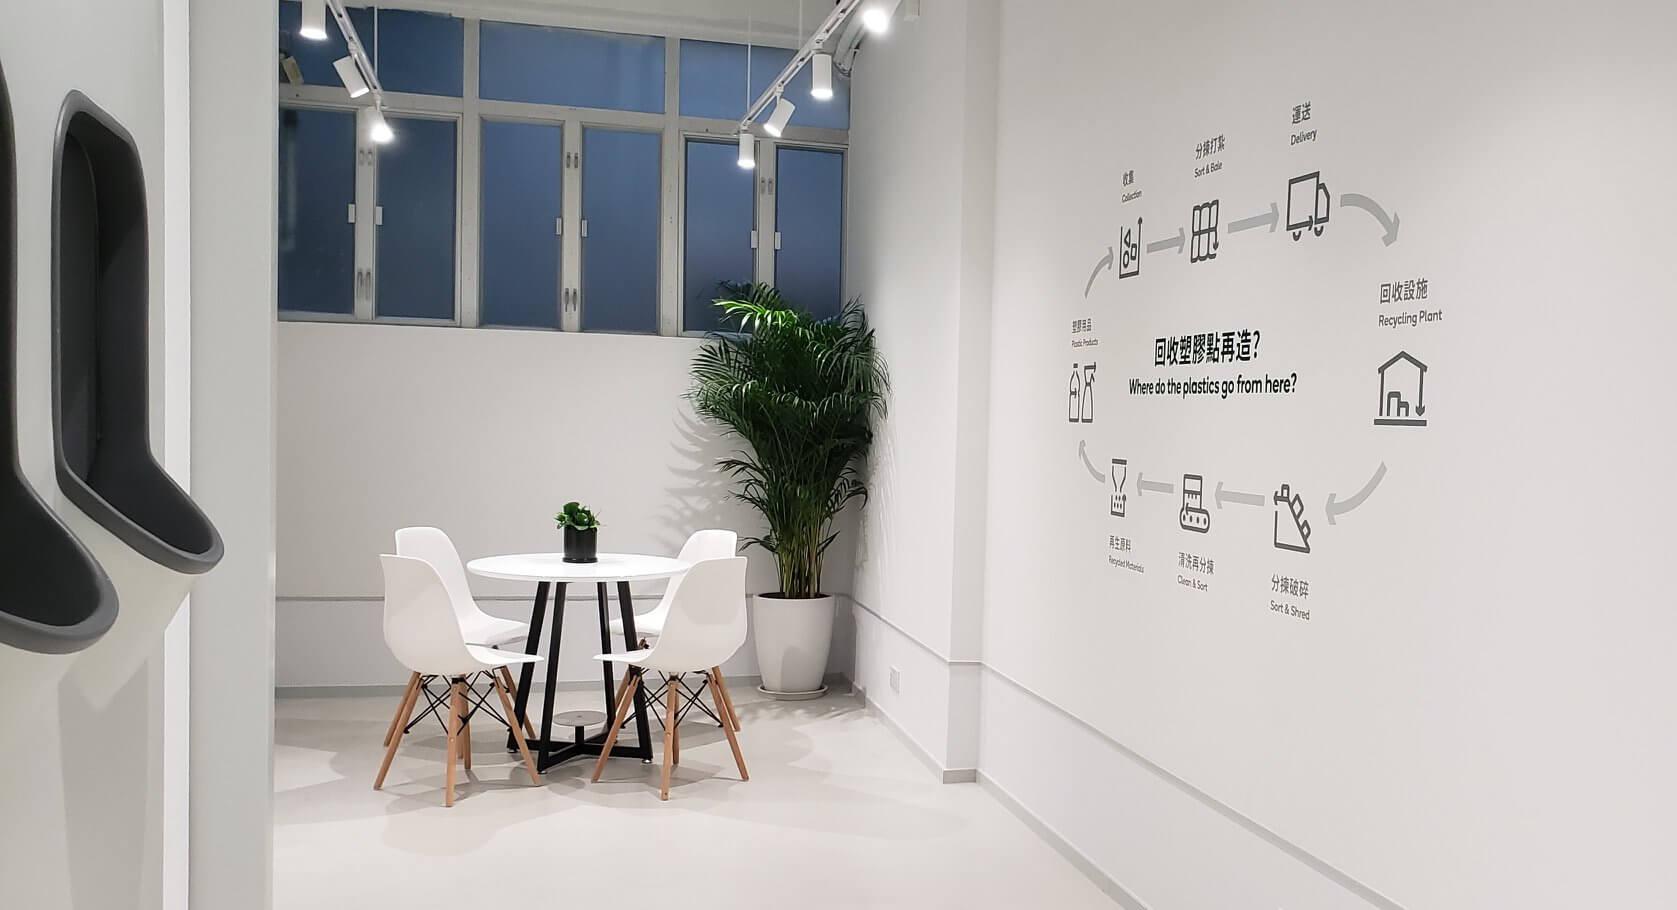 部分店內設有座椅讓人休息,甚至有空間舉辦公眾工作坊(圖片來源:綠在天后)